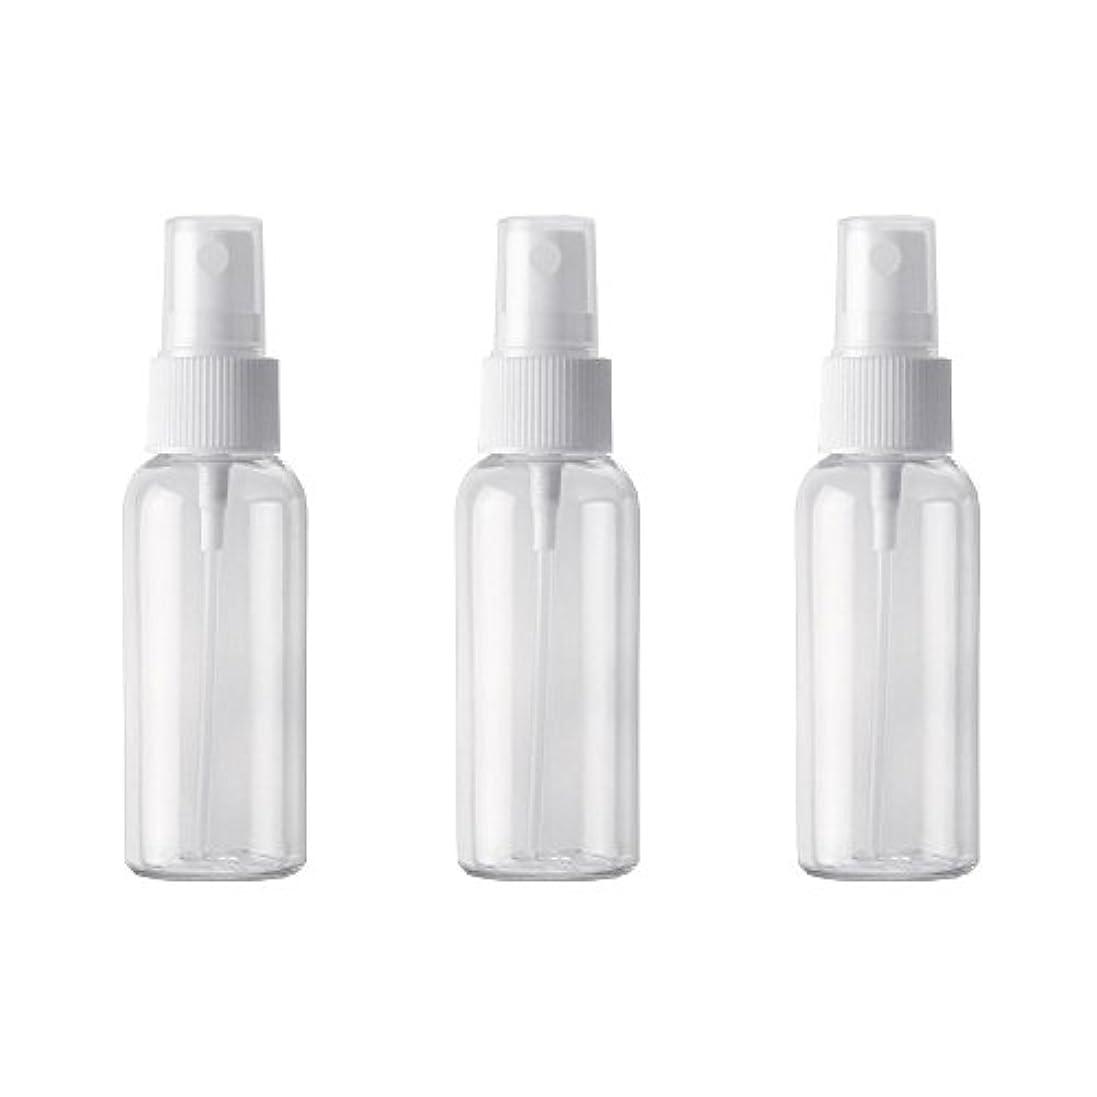 散歩最悪処分した小分けボトル スプレーボトル 50ml おしゃれ 空ボトル 3本セット 環境保護の材料 PET素材 化粧水 詰替用ボトル 旅行用品 (透明)